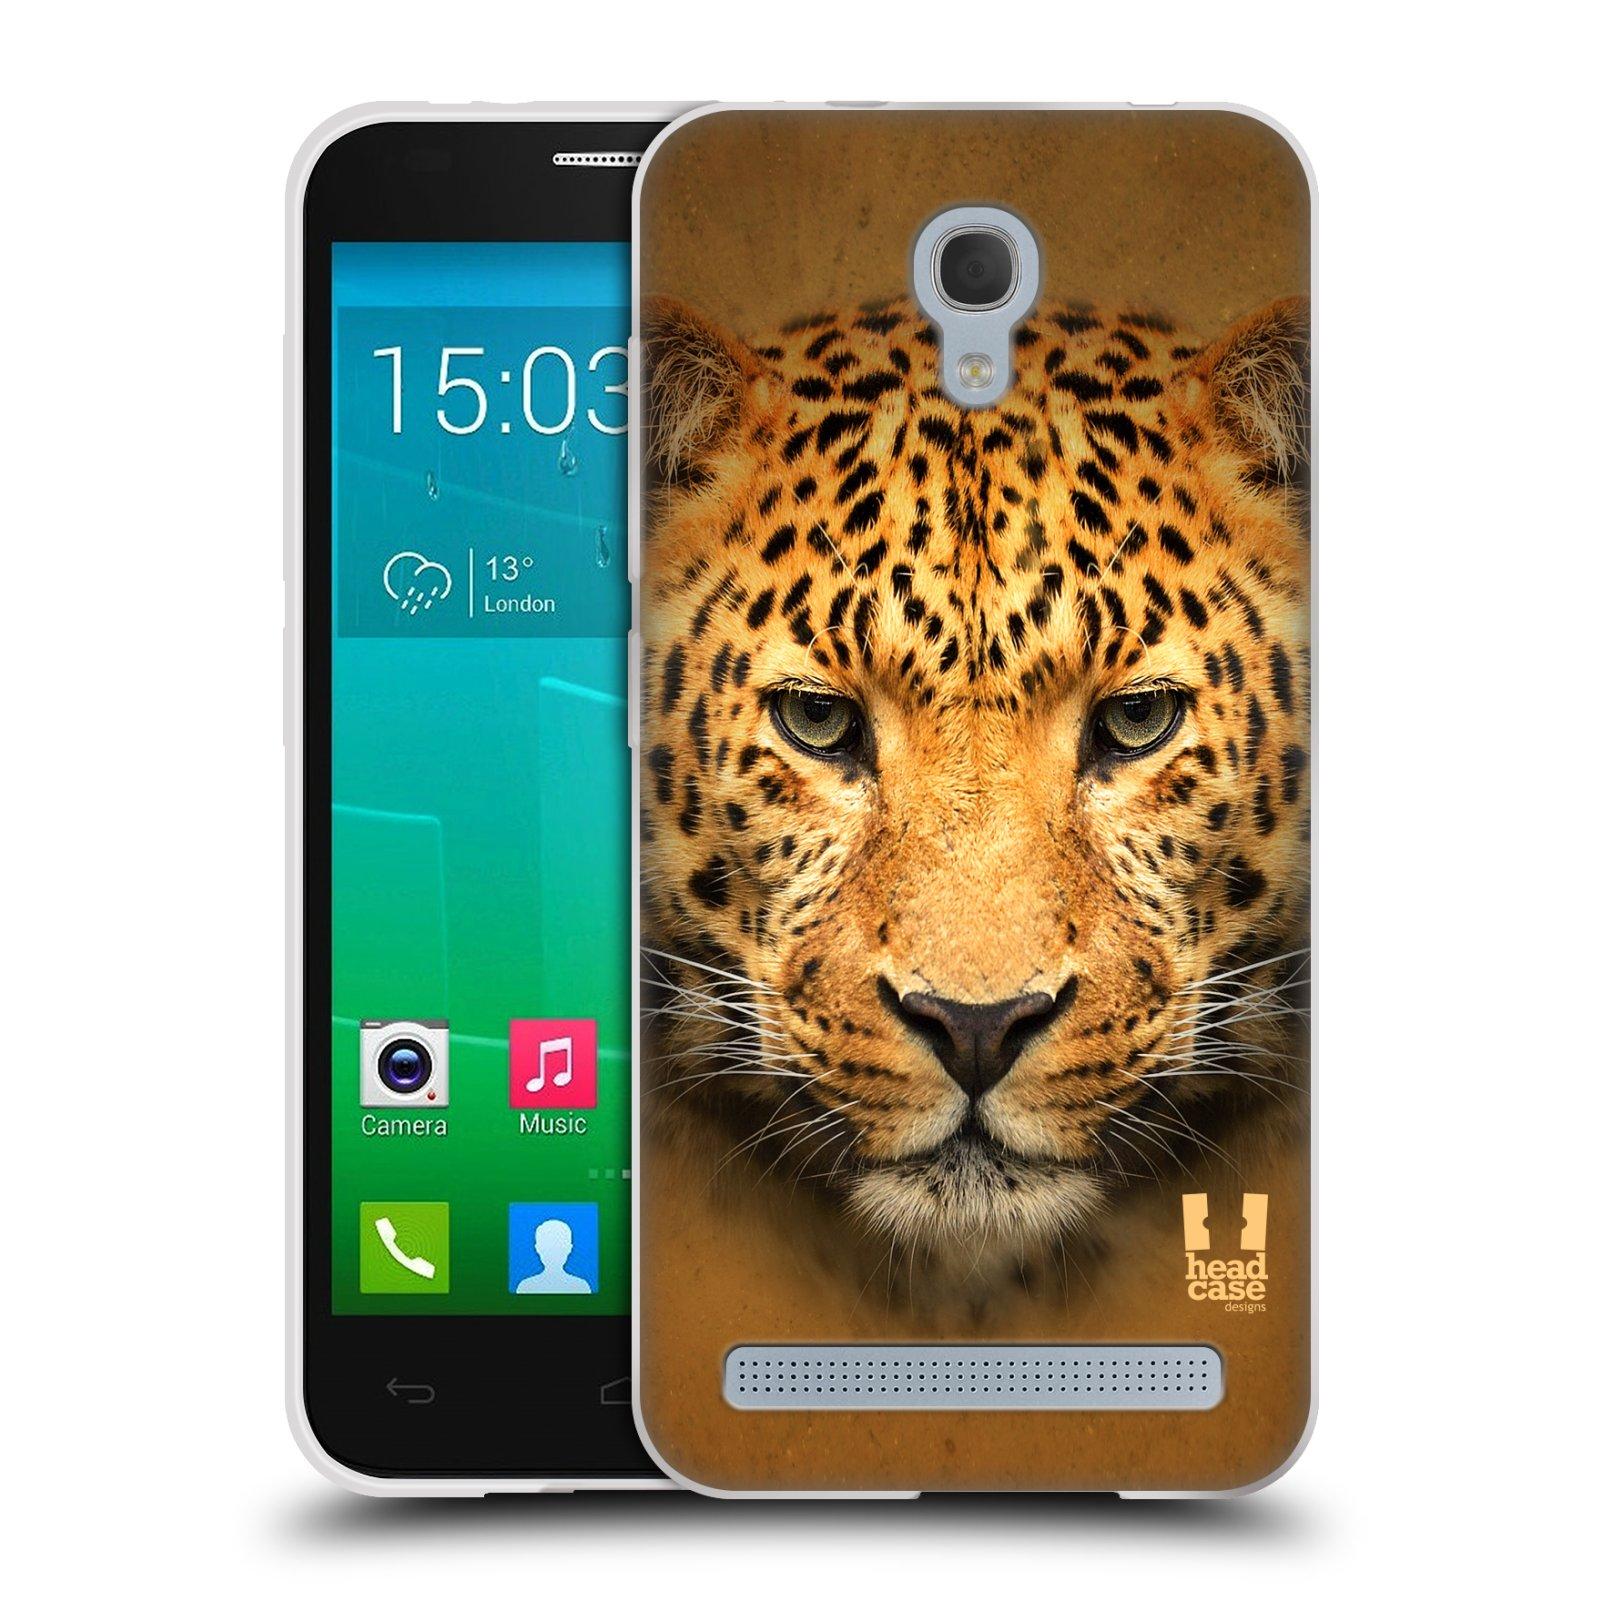 HEAD CASE silikonový obal na mobil Alcatel Idol 2 MINI S 6036Y vzor Zvířecí tváře 2 leopard